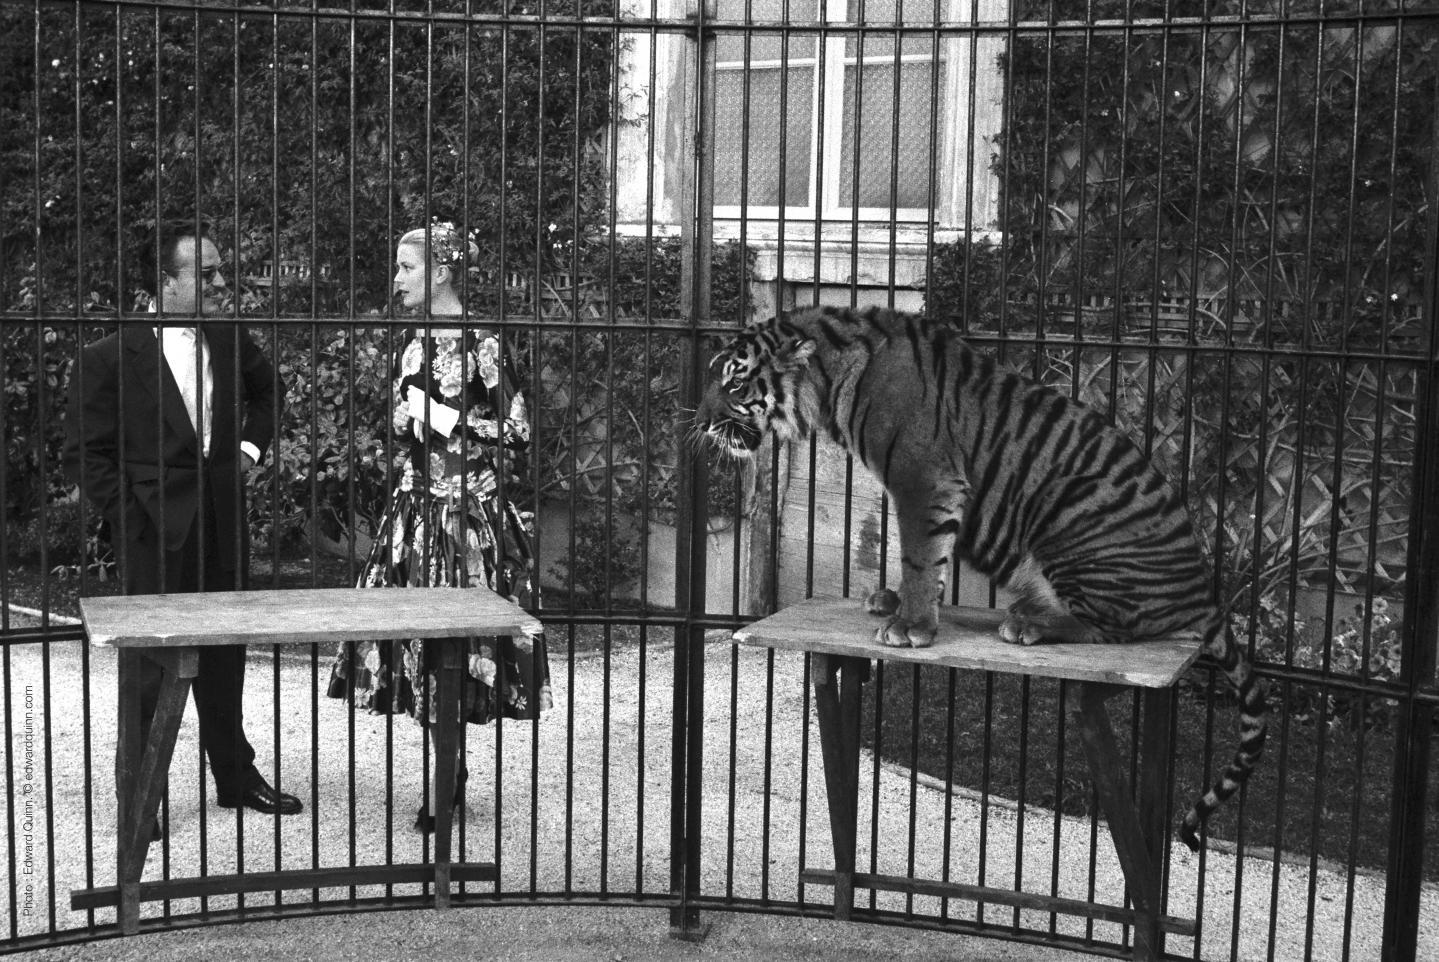 Le prince et l'actrice devant la cage du tigre dans les jardins du Palais